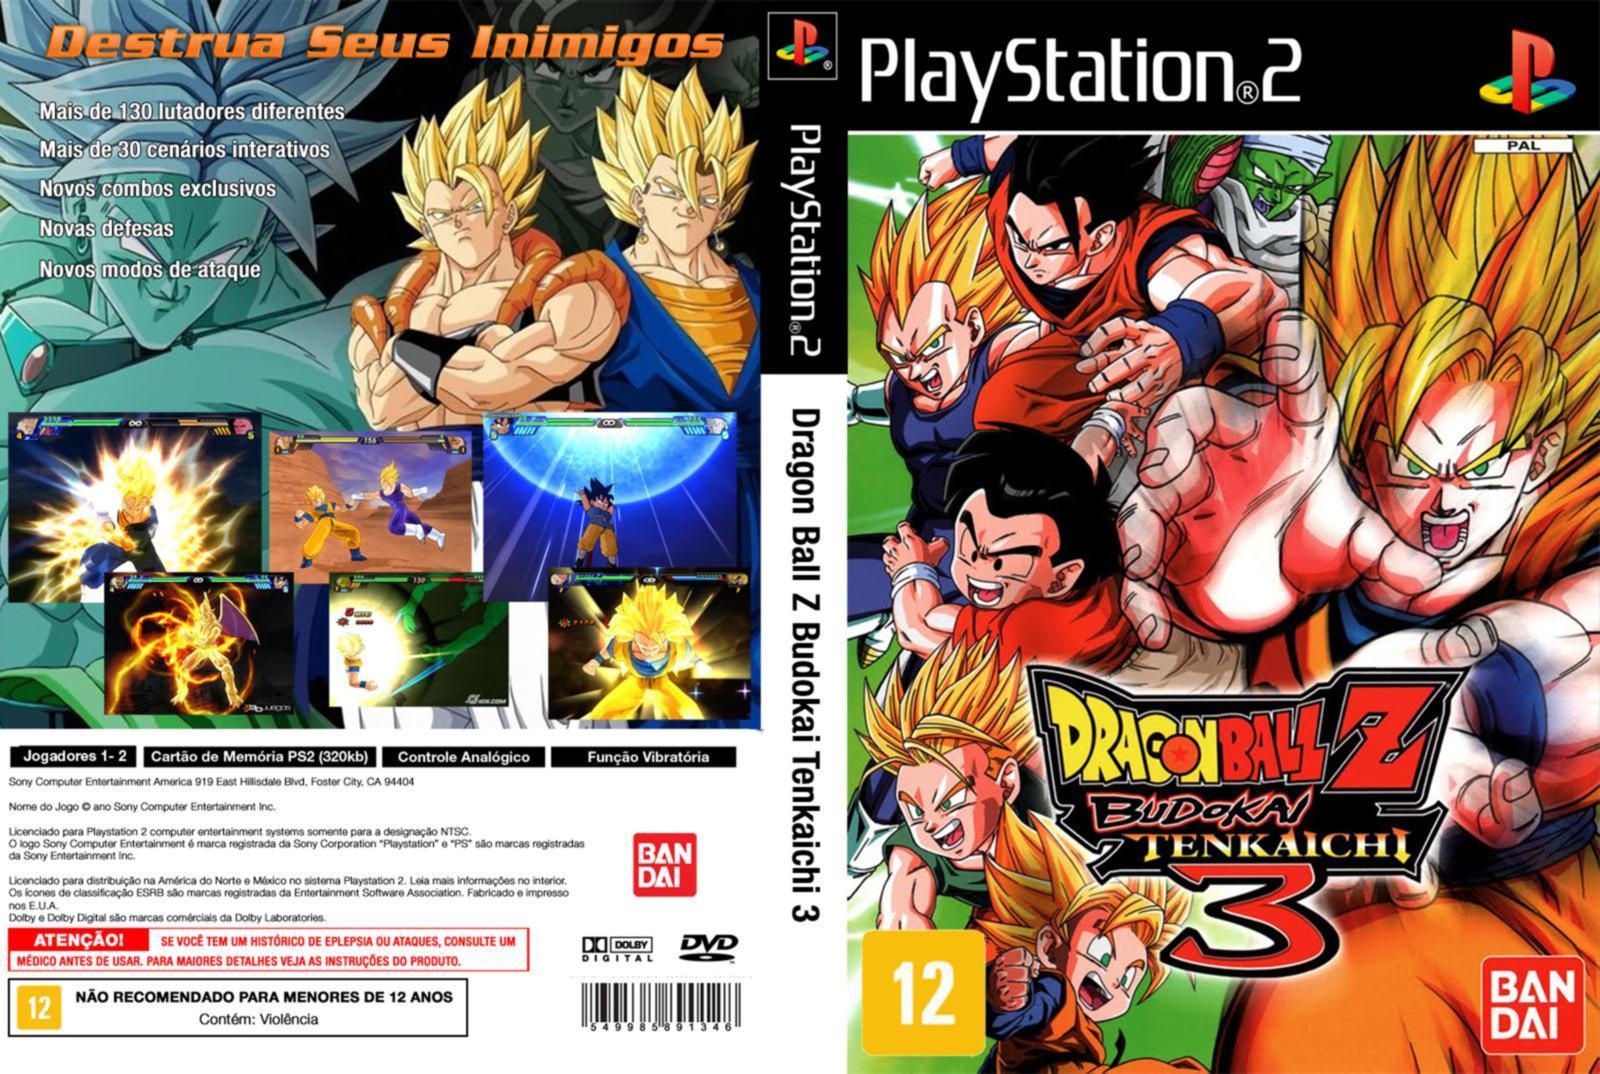 e999a1596 Dragon Ball Z: Budokai Tenkaichi - Conheça essa incrível série de ...